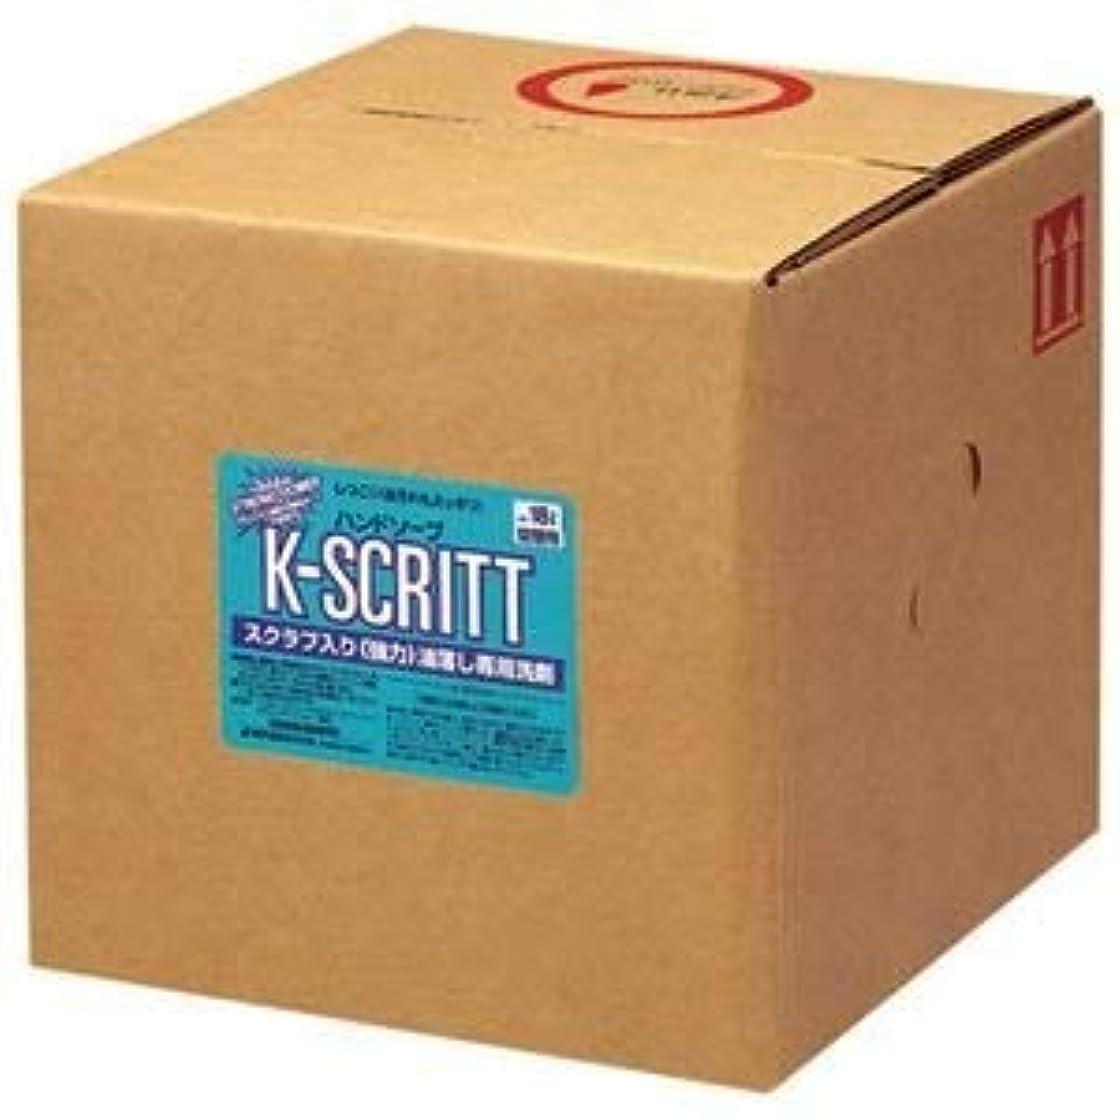 ブリッジ消費富豪業務用 液体石鹸 K-スクリット ハンドソープ詰替え 18L 熊野油脂 (コック無し)